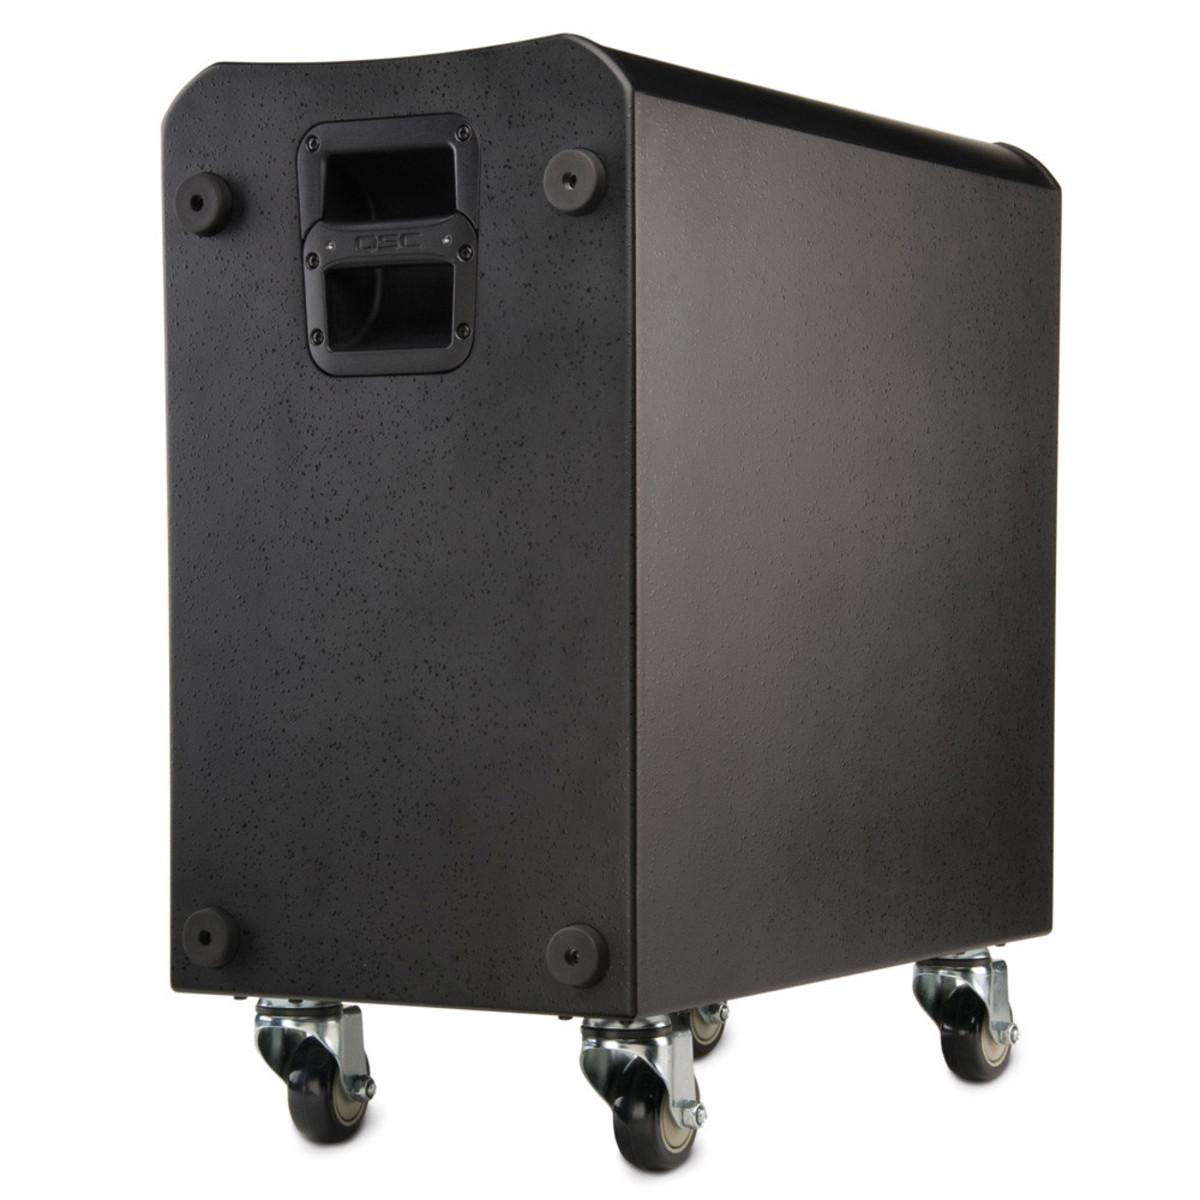 qsc ksub aktiv pa subwoofer gear4music. Black Bedroom Furniture Sets. Home Design Ideas